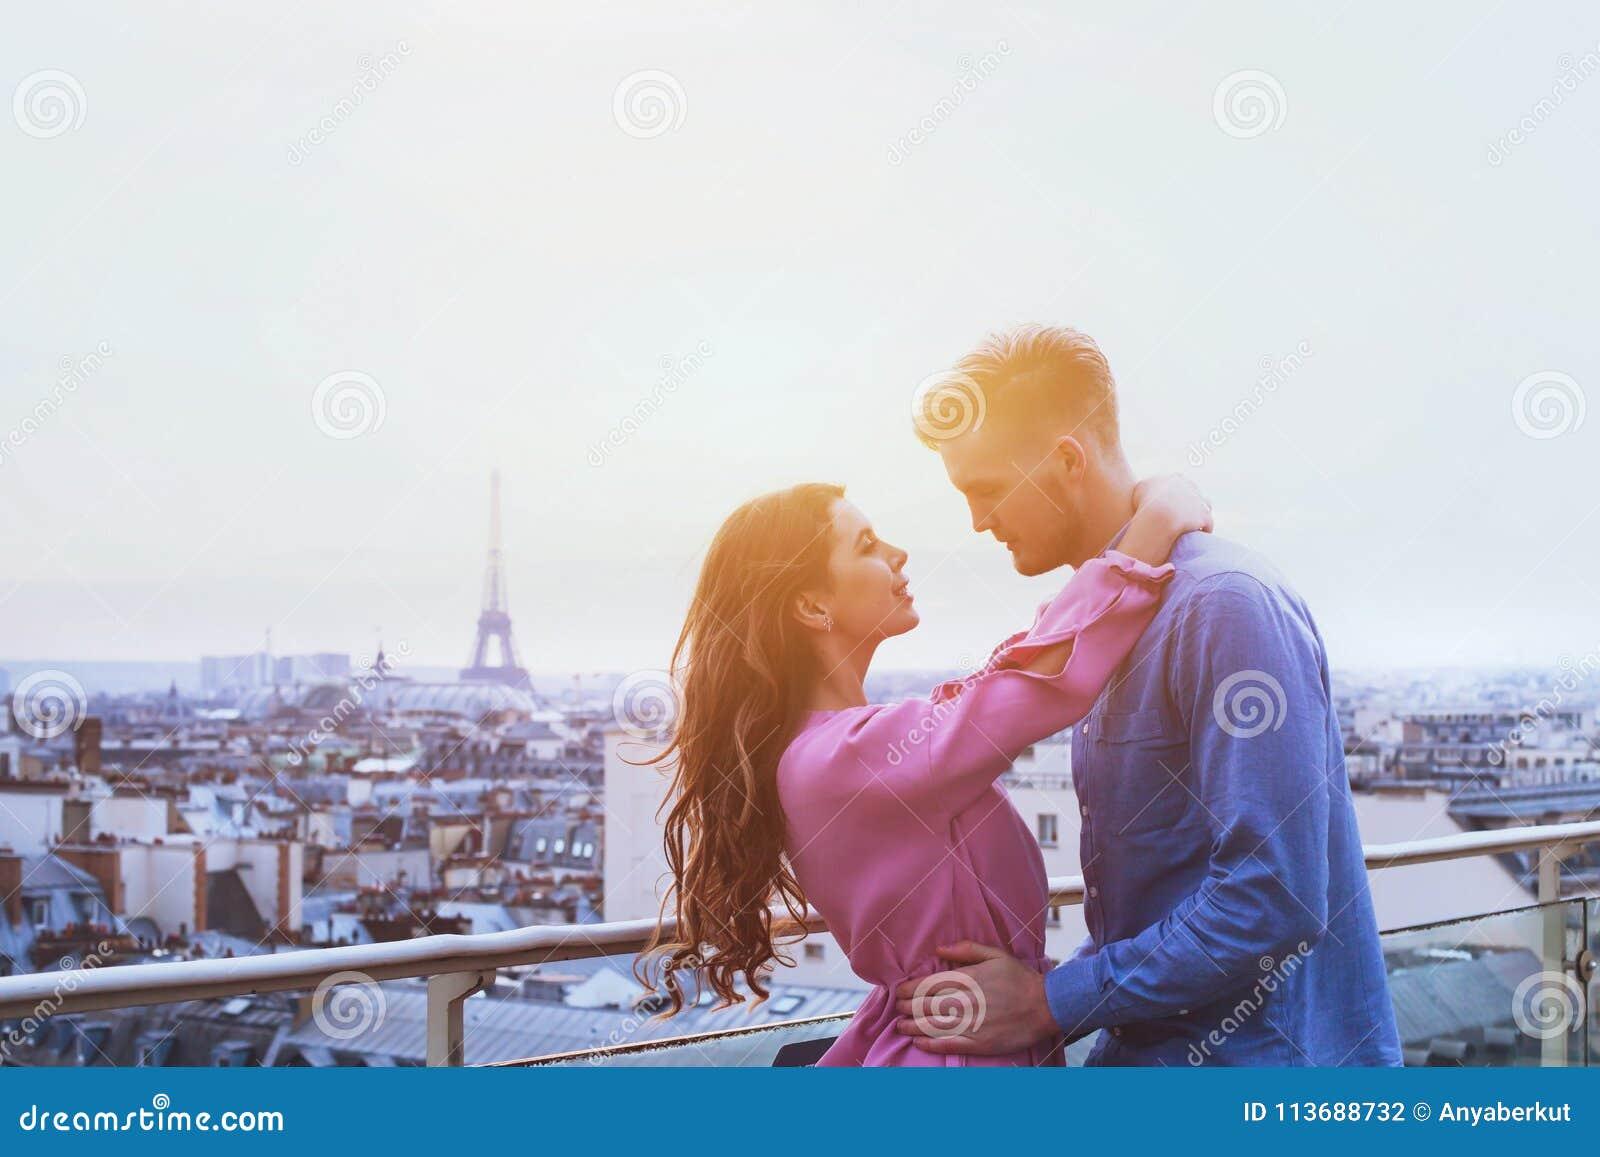 Dating online Parigi